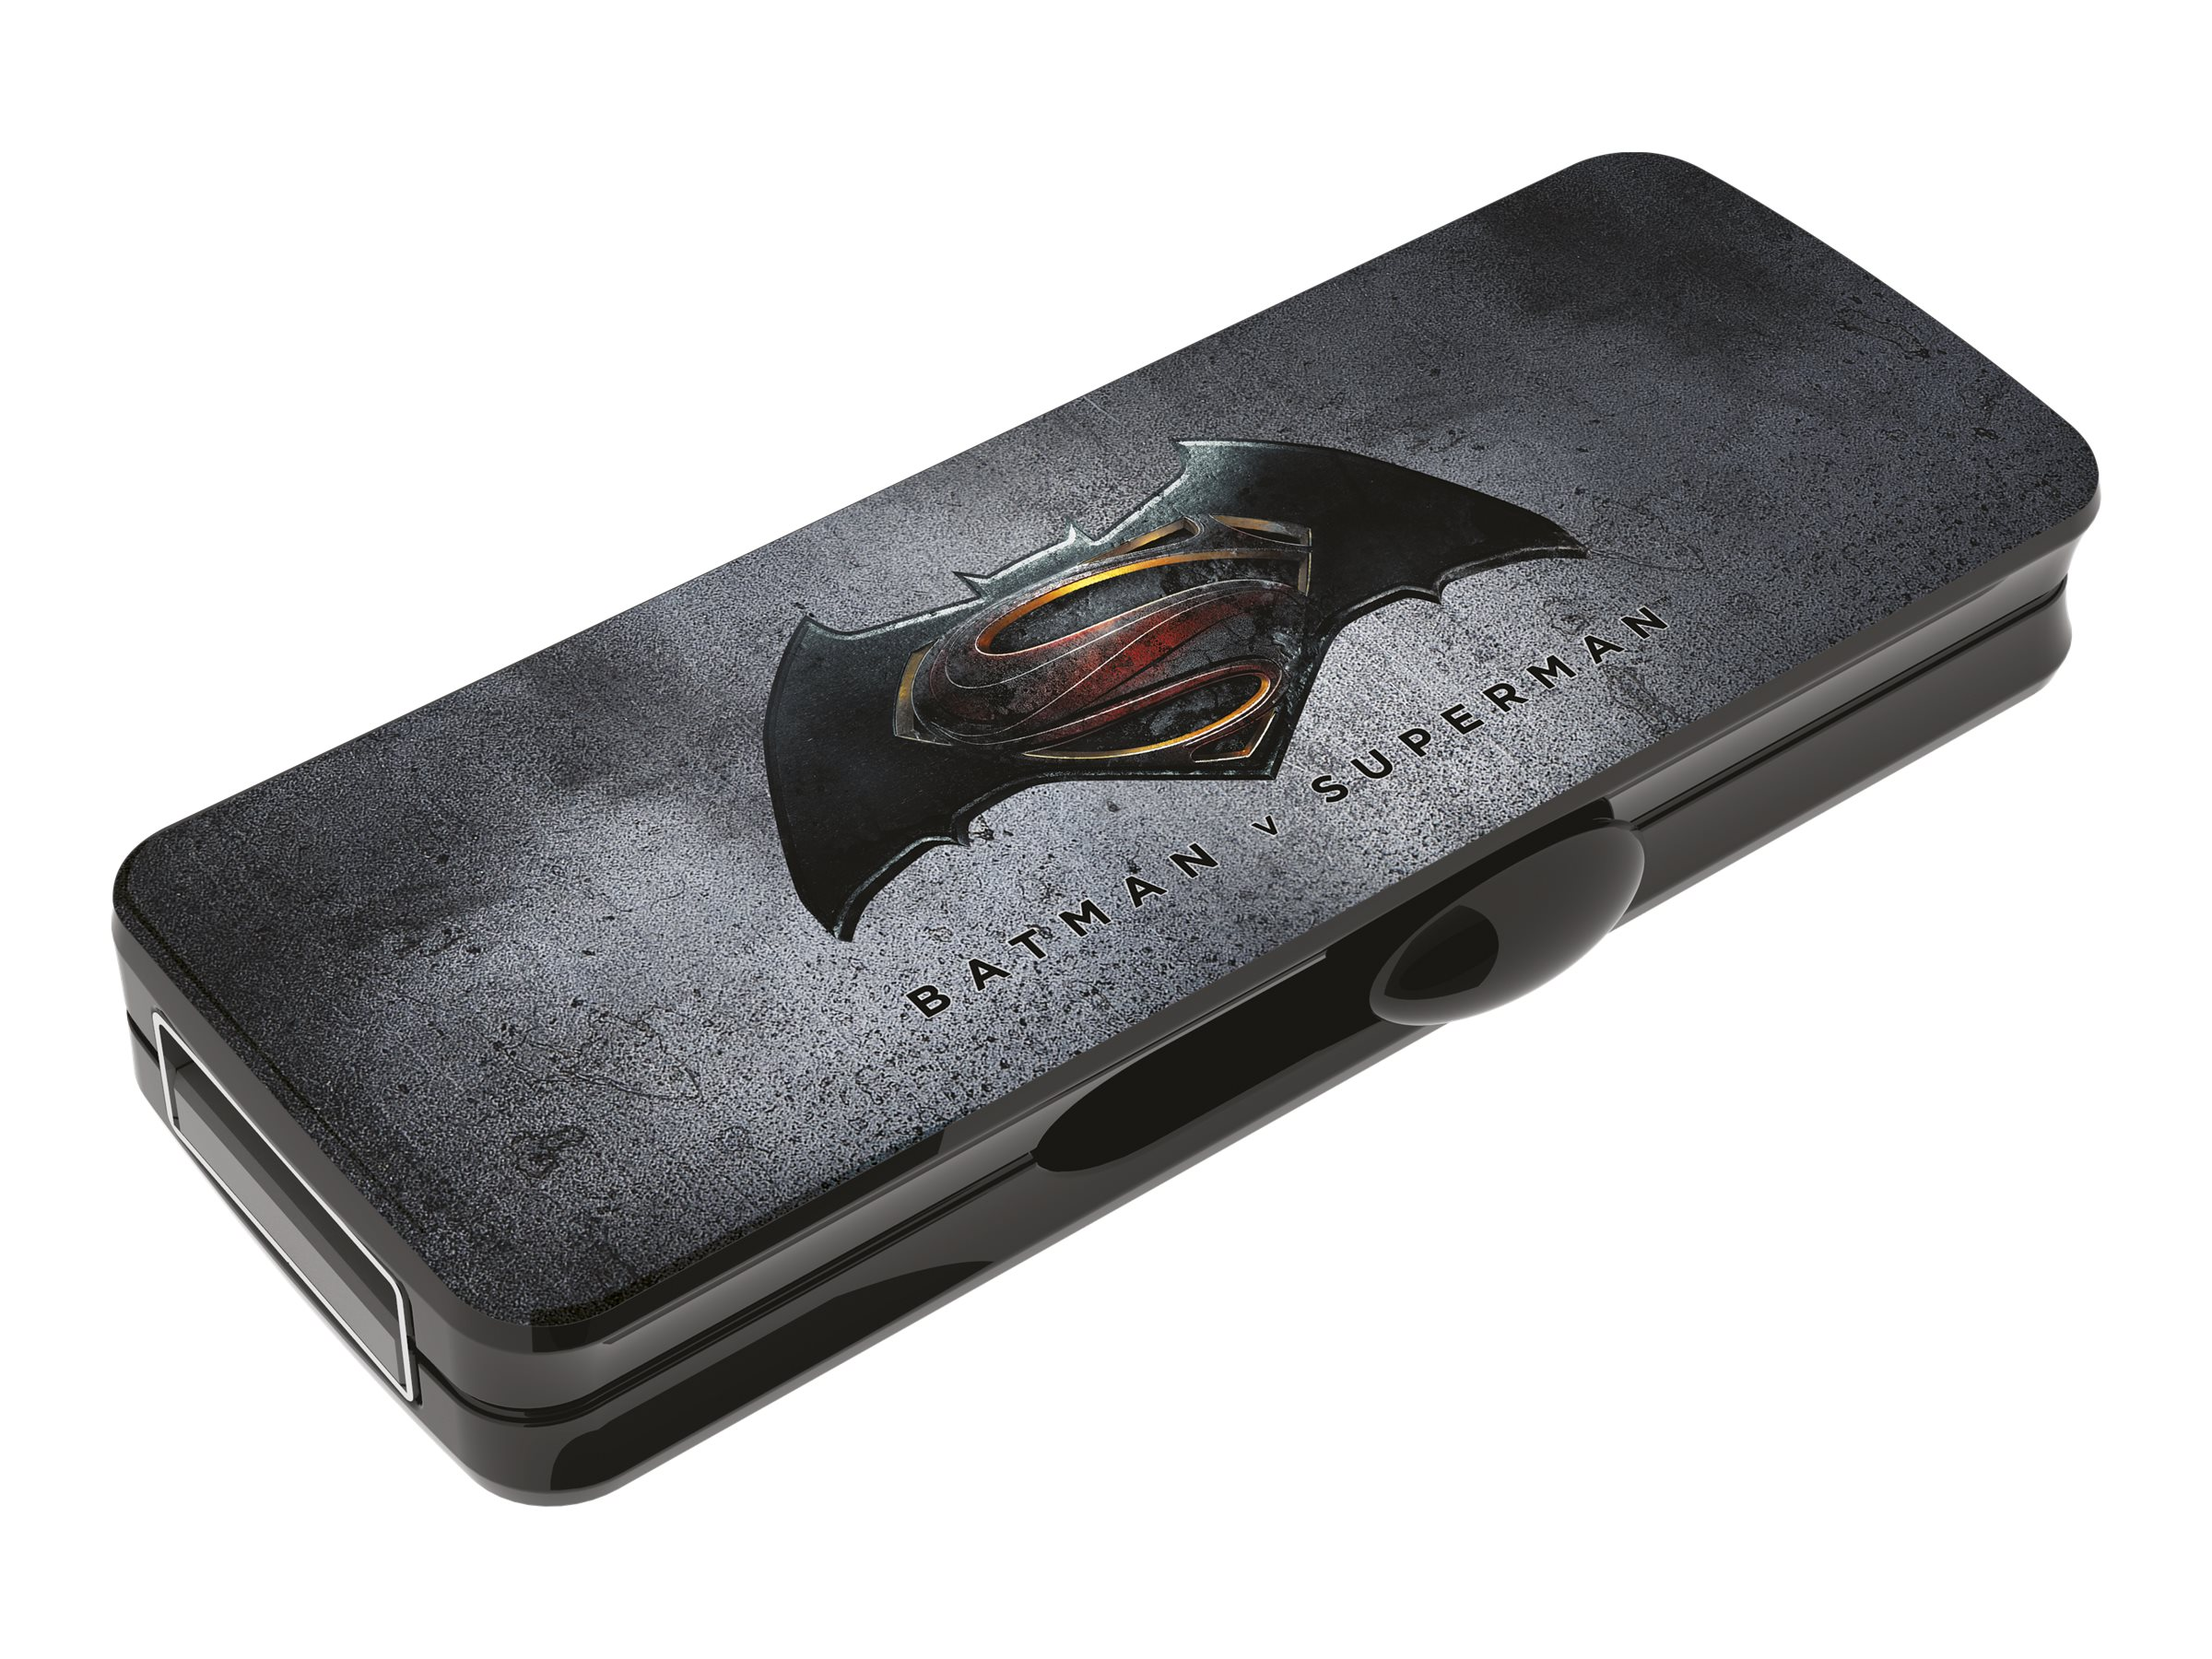 EMTEC M700 Batman v Superman - Clé USB - 16 Go - USB 2.0 - à l'unité ou par lot de 2